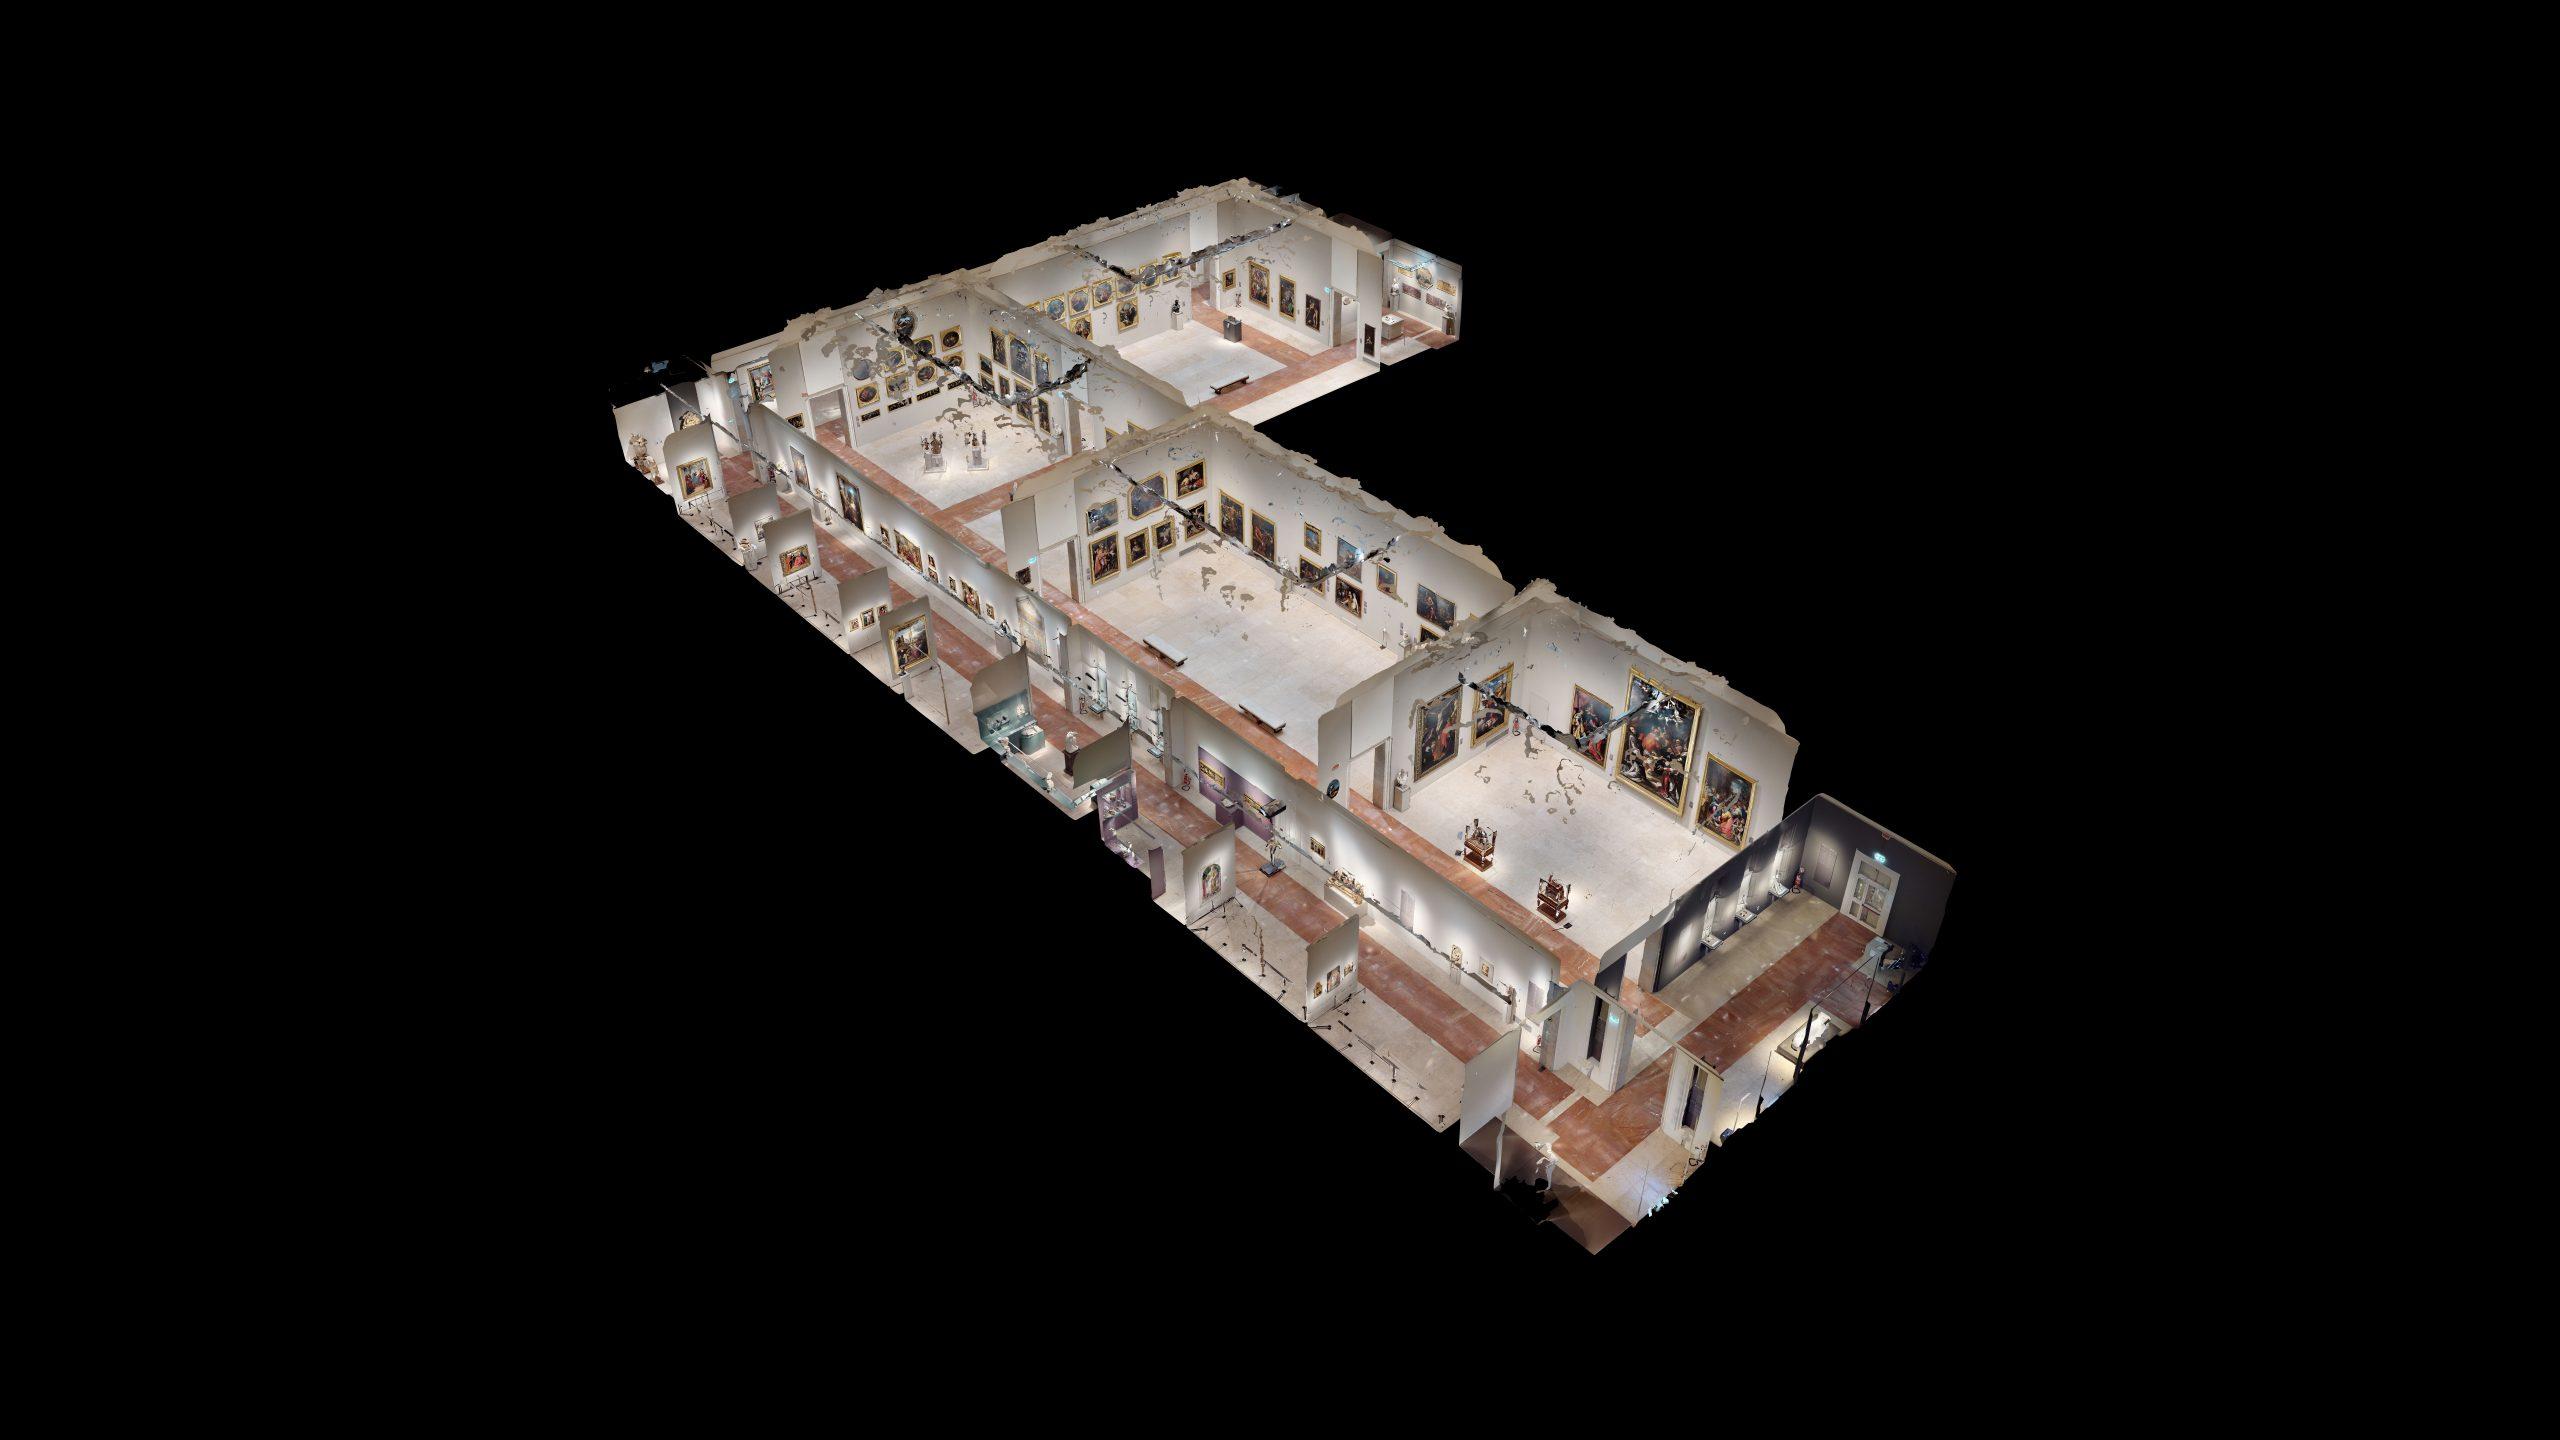 Gallerie Estensi di Modena: nuove visite virtuali interattive